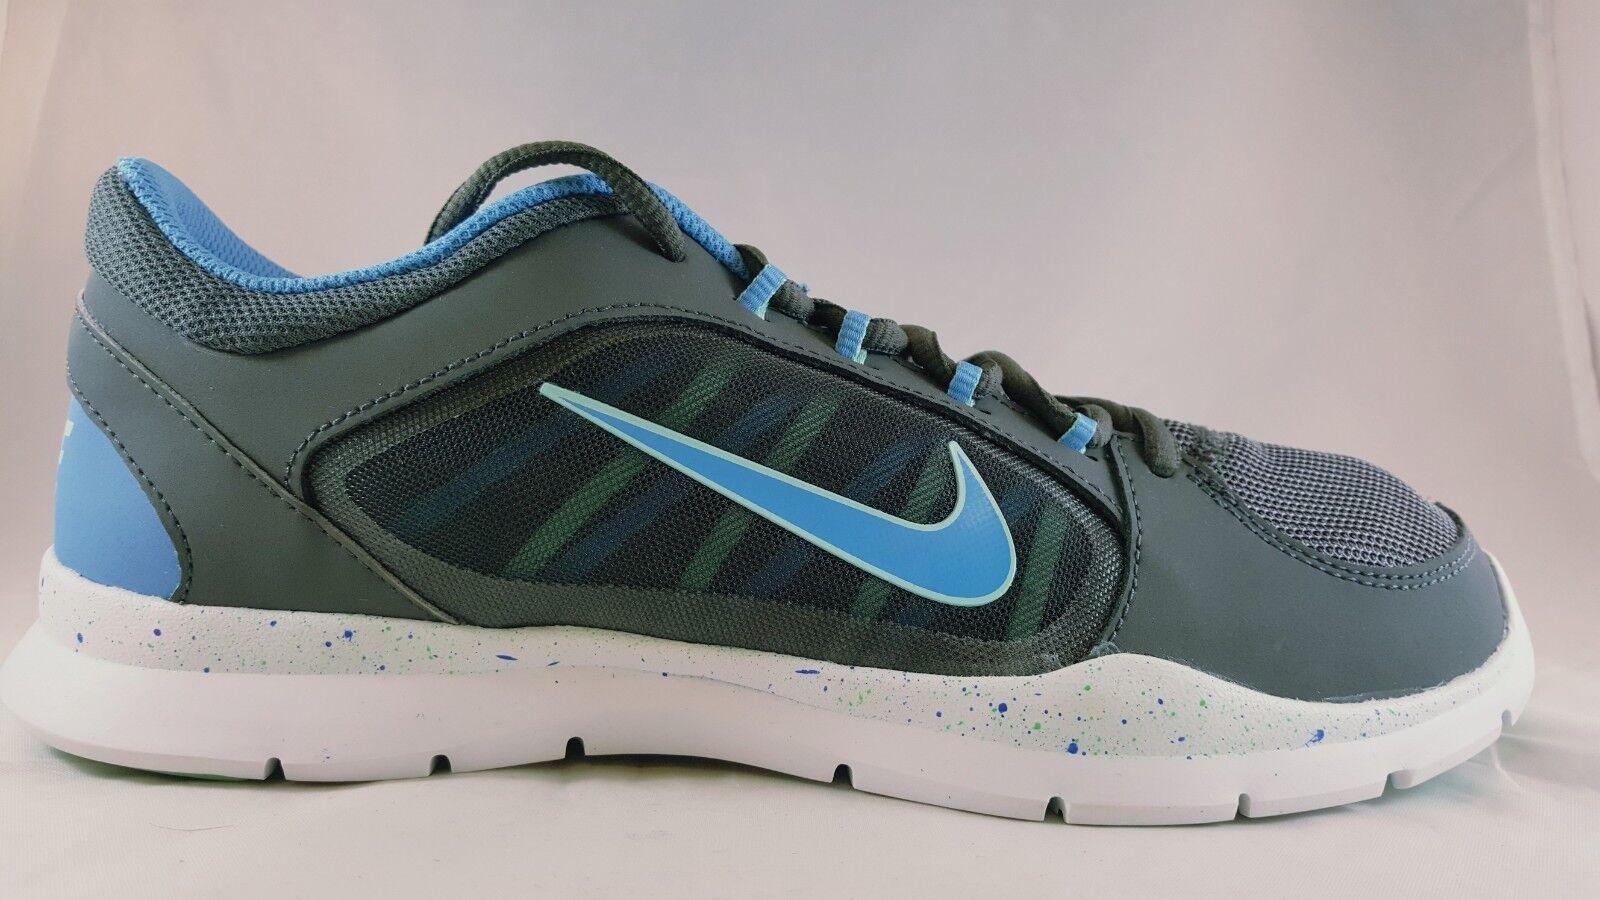 Nike Flex Trainer 4 Women's Cross Training Shoe 643083 005 Size 10